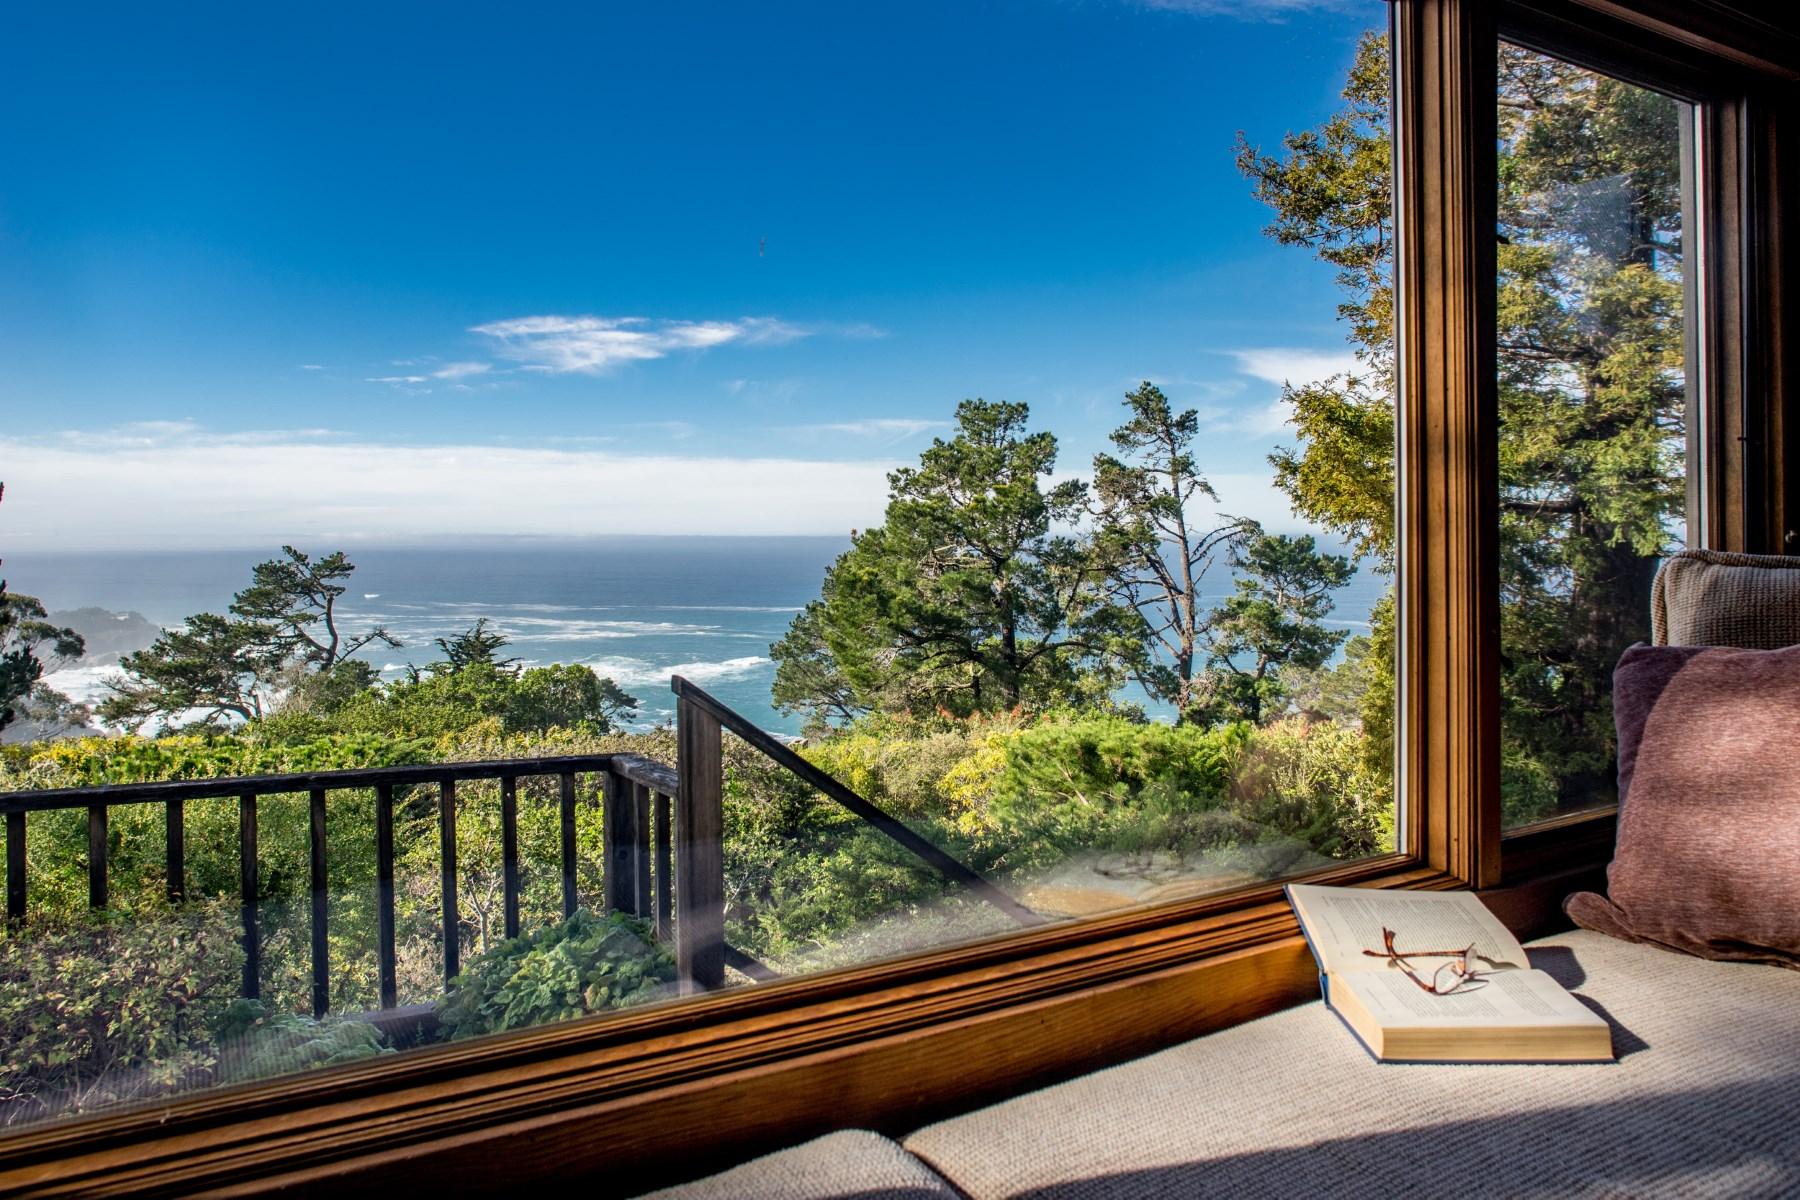 独户住宅 为 销售 在 Rustic Ocean View Retreat 150 Oak Way Carmel Highlands, 加利福尼亚州, 93923 美国